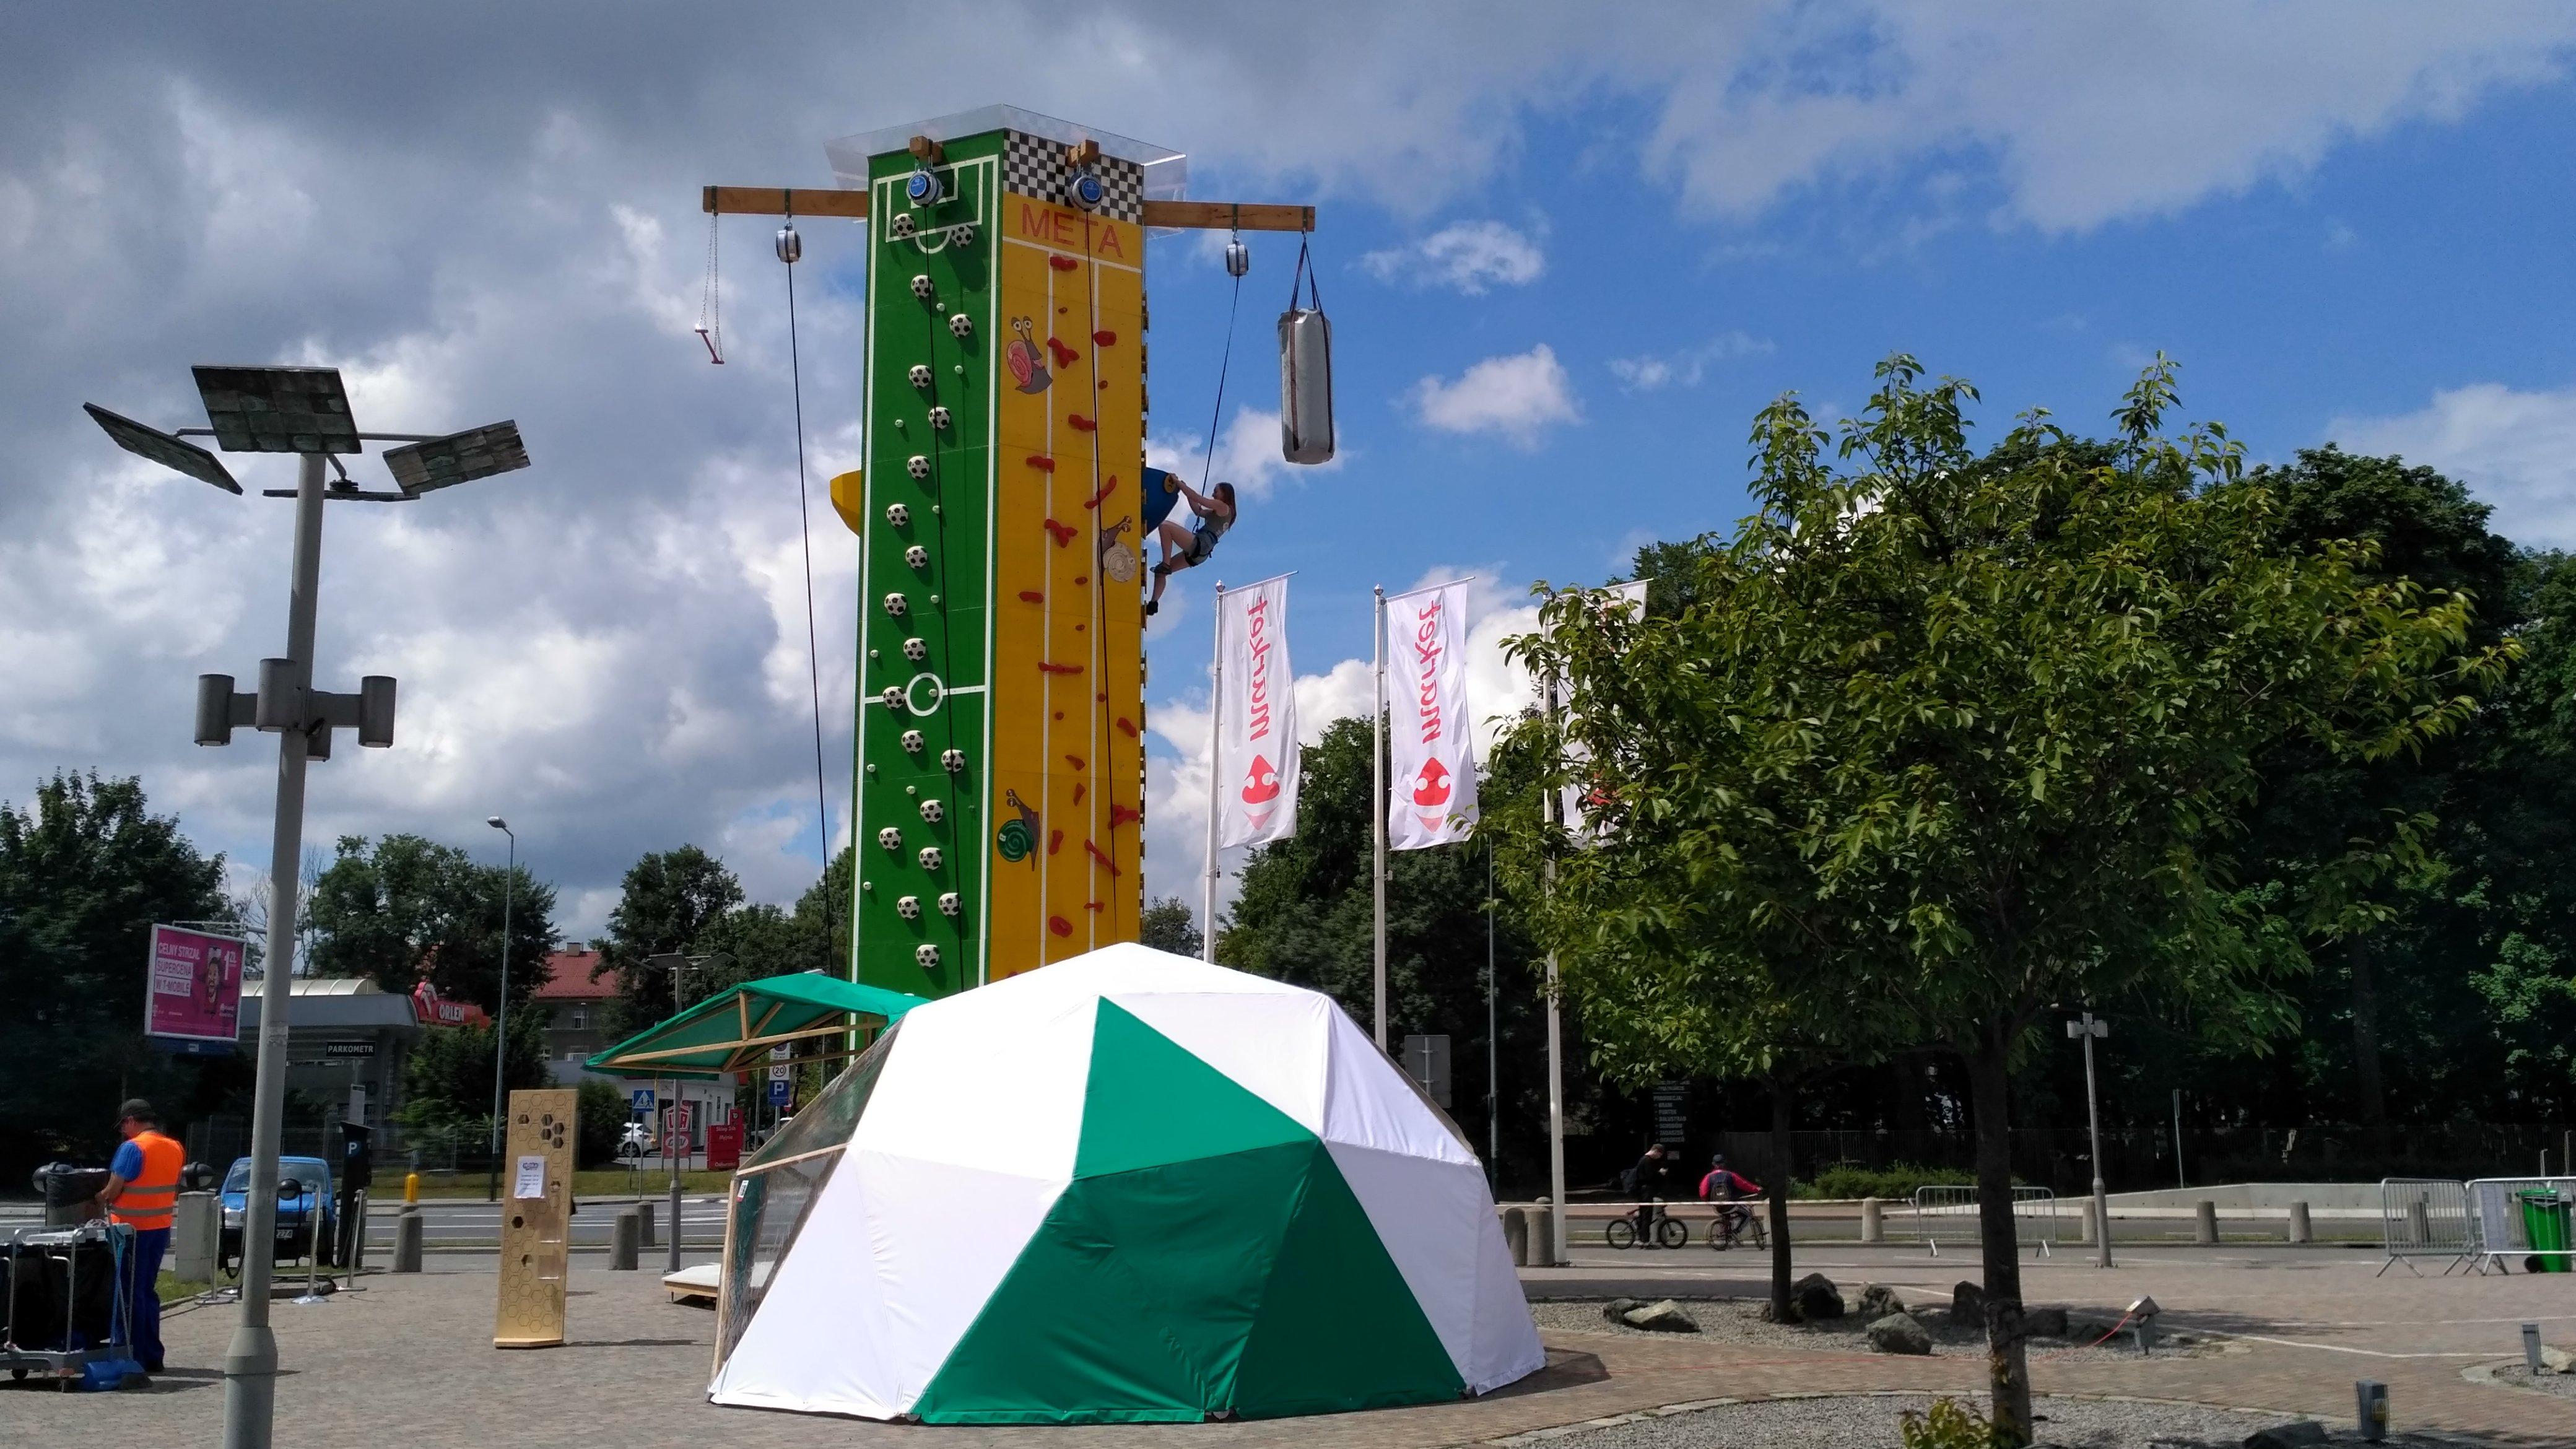 Ścianka wspinaczkowa Mobius Fun przy Galerii Kazimierz zaprasza!